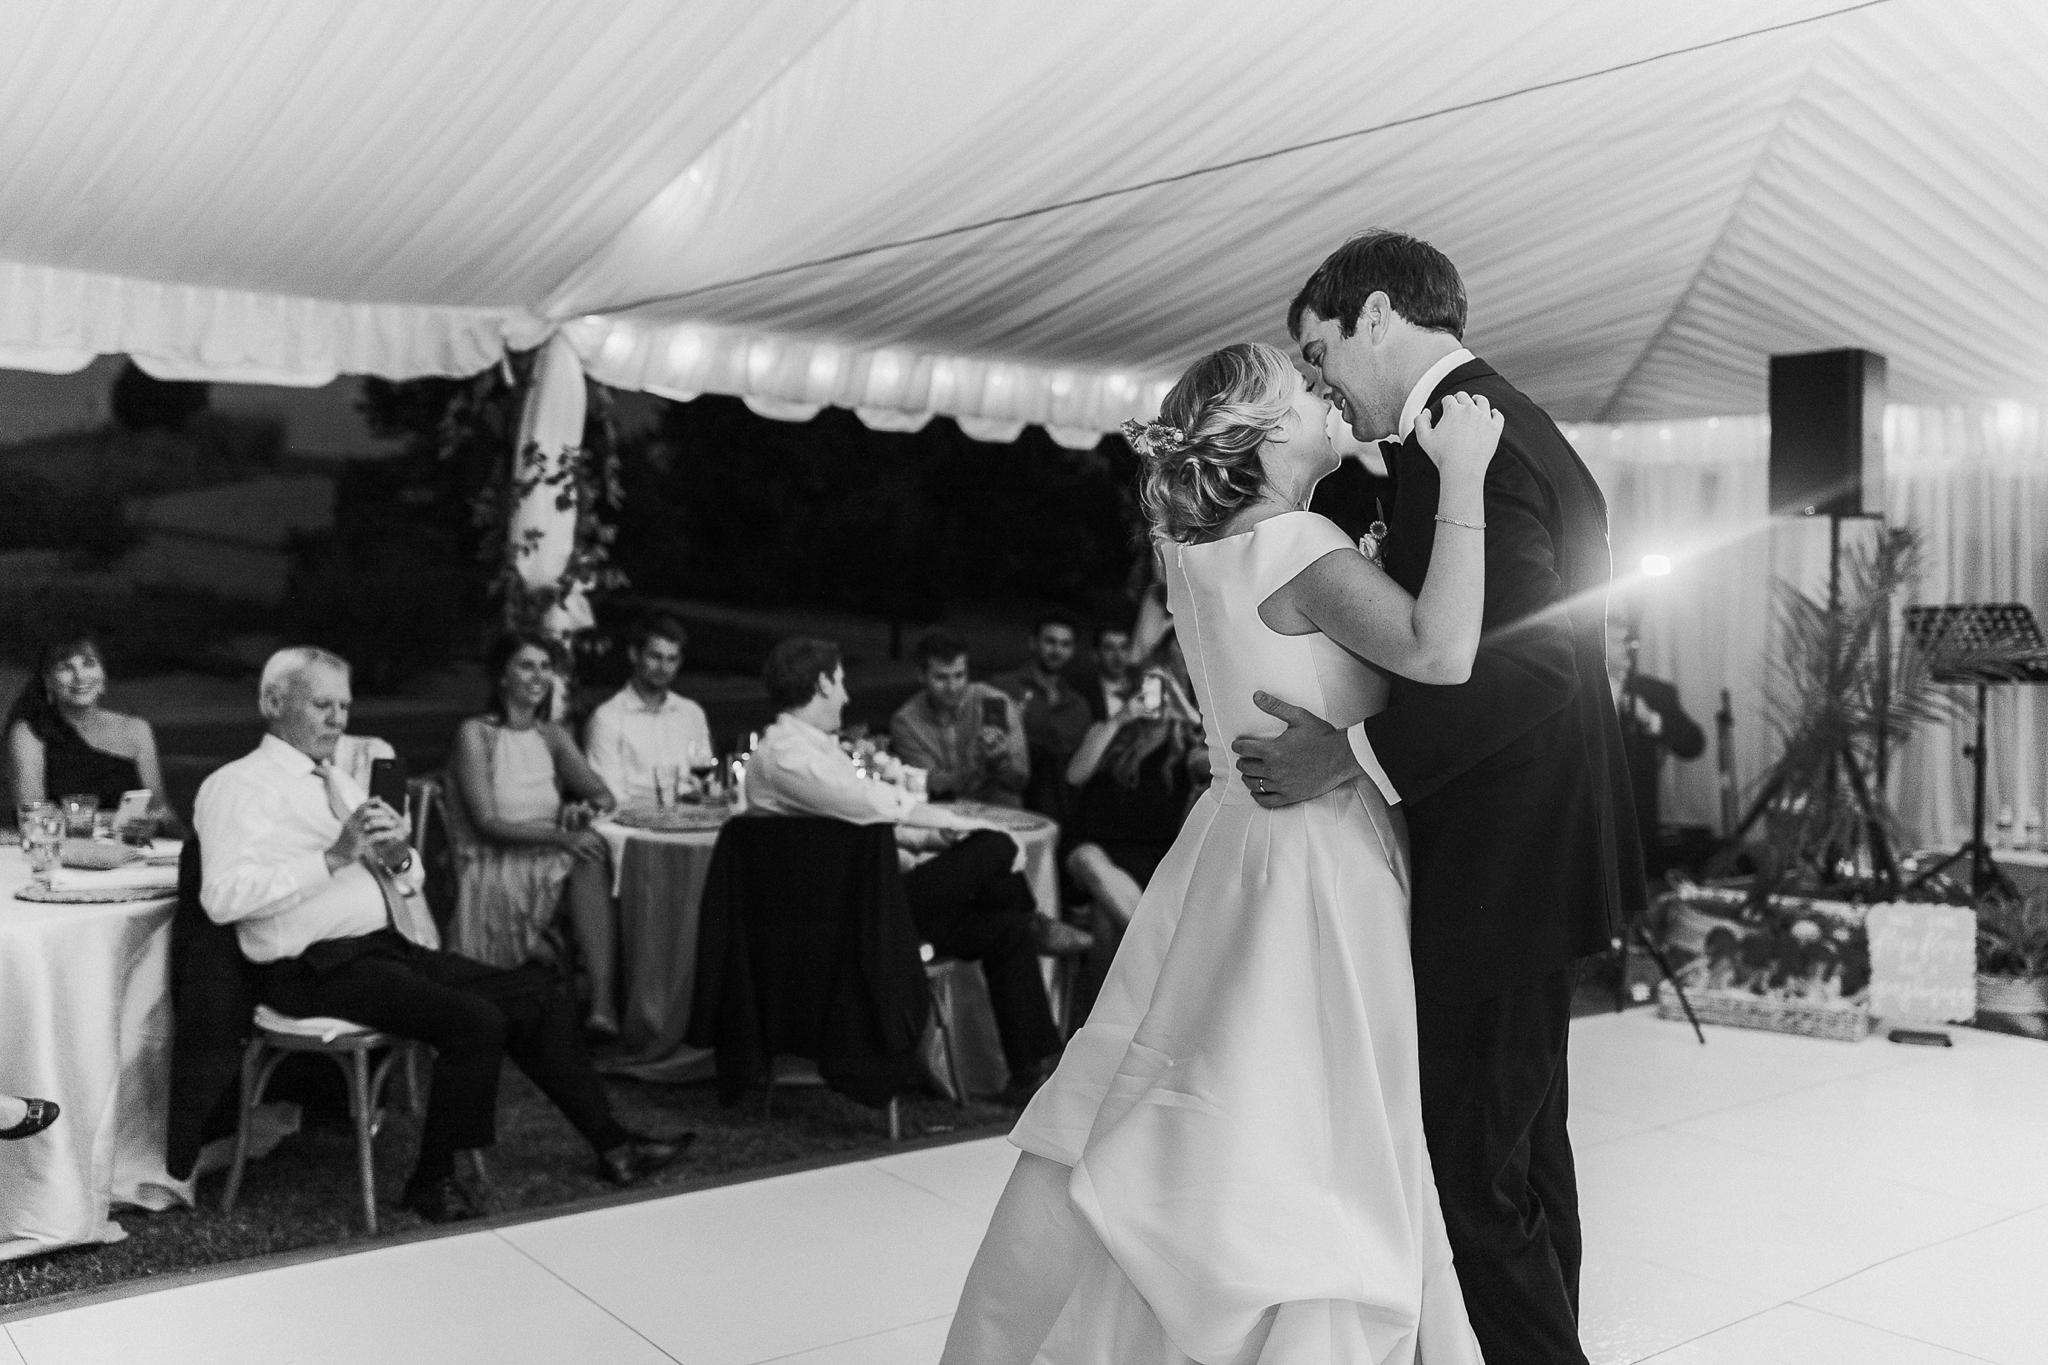 Alicia+lucia+photography+-+albuquerque+wedding+photographer+-+santa+fe+wedding+photography+-+new+mexico+wedding+photographer+-+new+mexico+wedding+-+las+campanas+wedding+-+santa+fe+wedding+-+maximalist+wedding+-+destination+wedding_0151.jpg